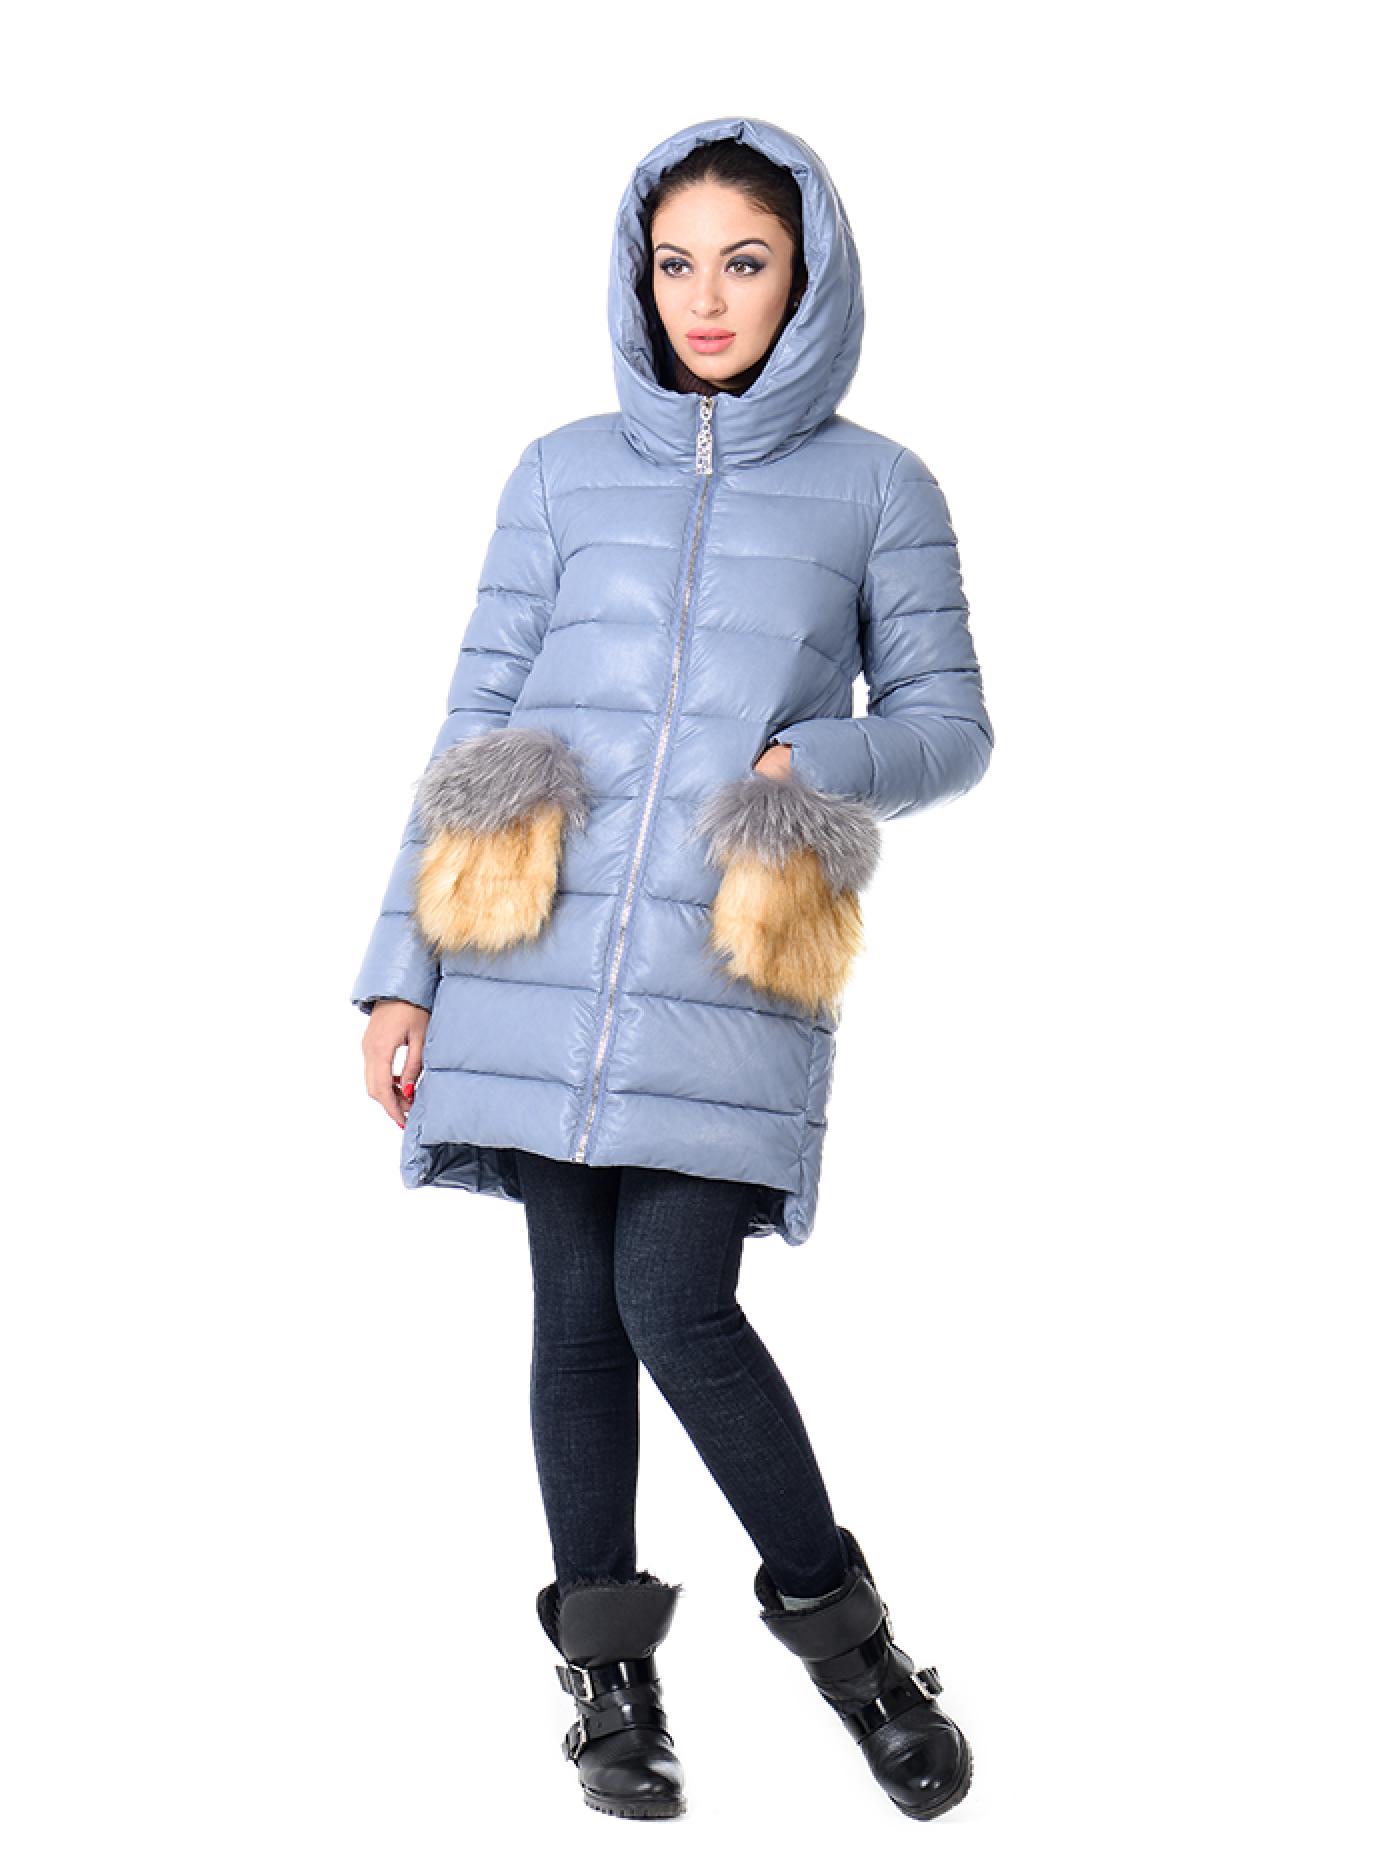 Куртка зимняя на молнии с меховыми карманами Голубой XL (05-ZL2521): фото - Alster.ua